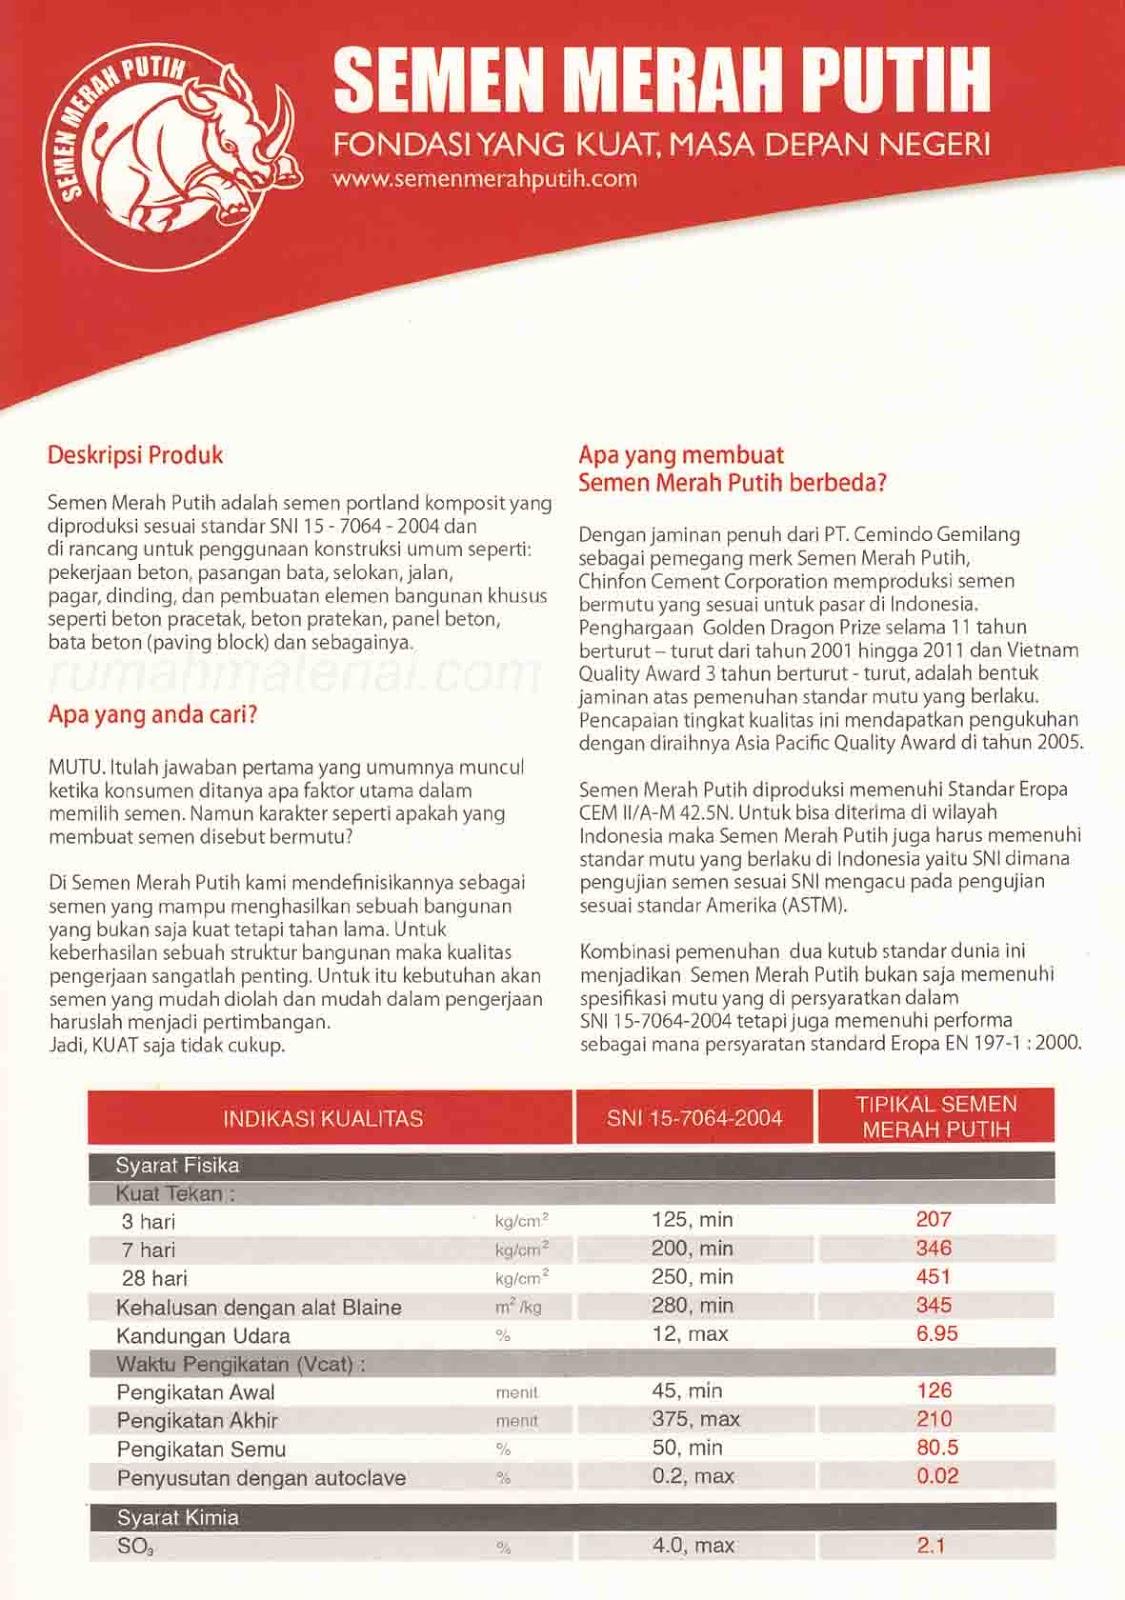 Spesifikasi Teknis Semen Merah Putih